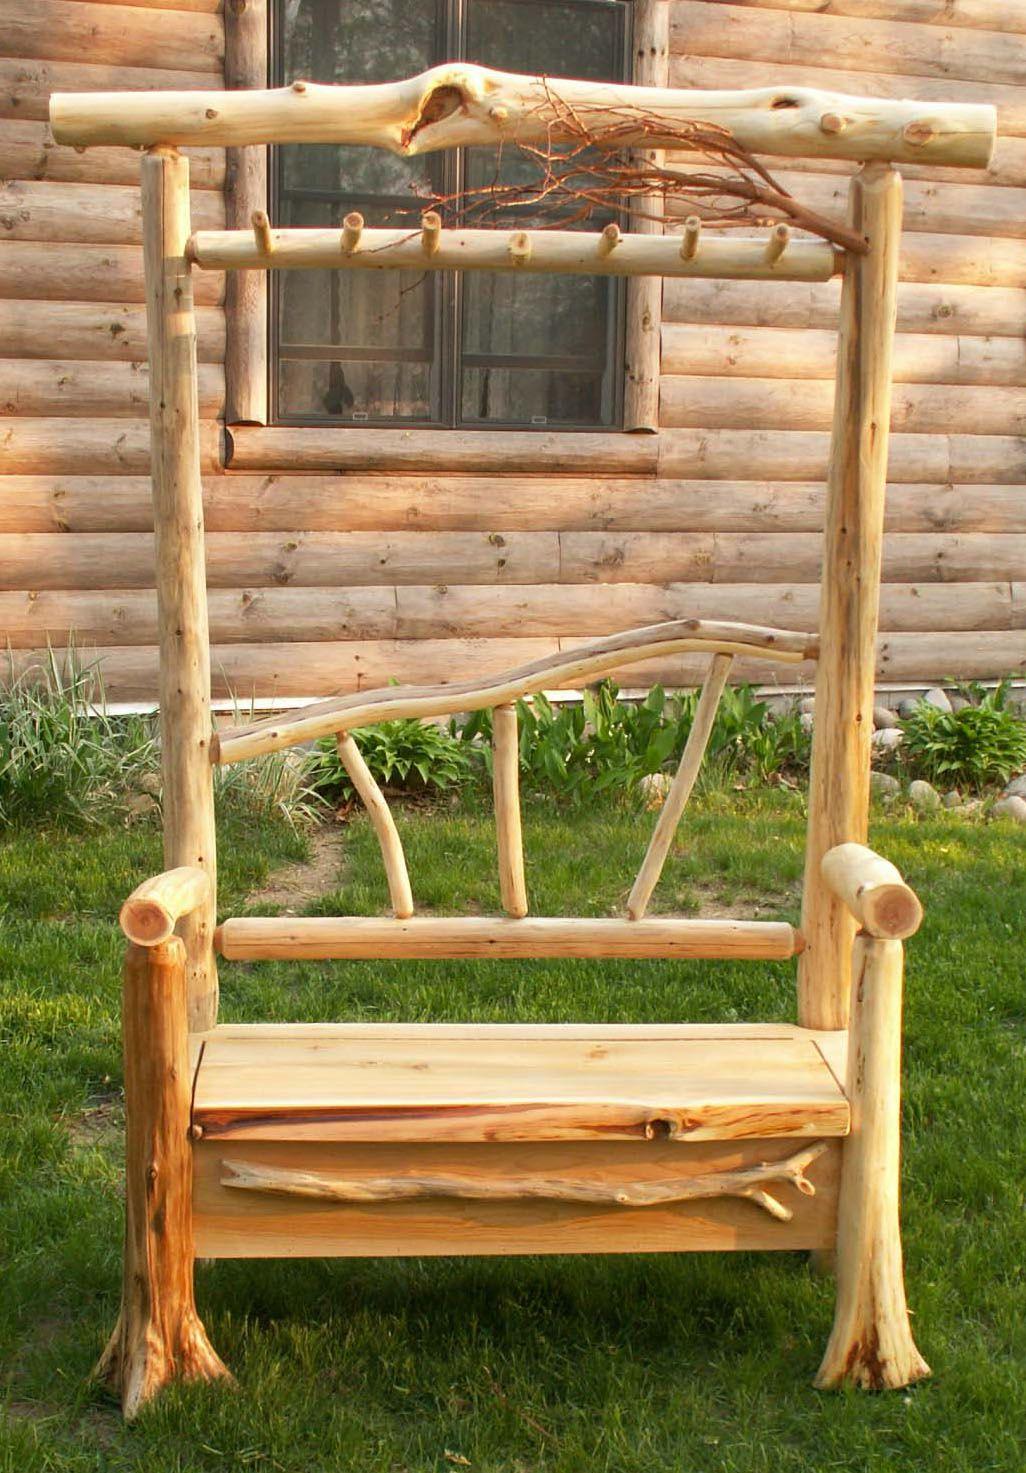 Log Bench Ideas Part - 46: Log Bench Ideas